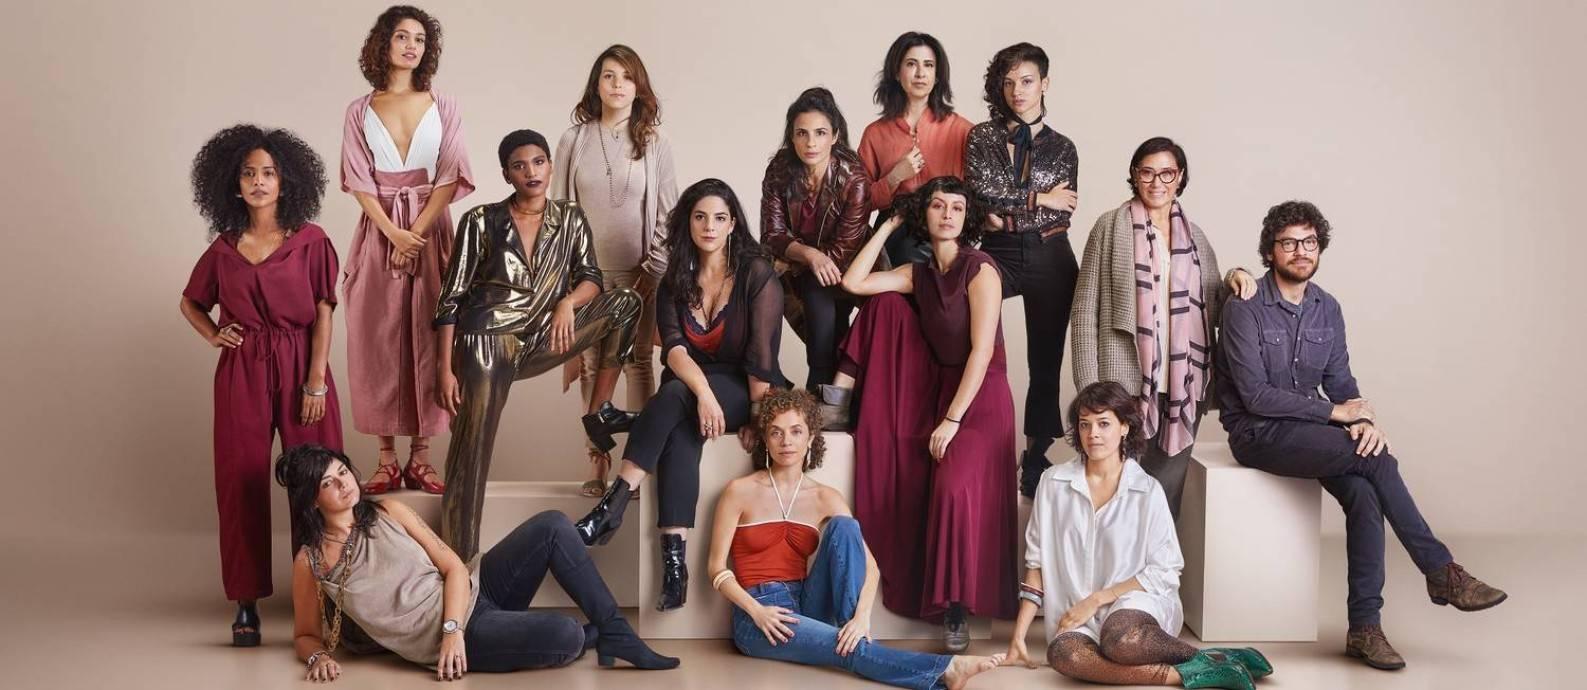 Cartaz do filme Todas as Mulheres do Mundo